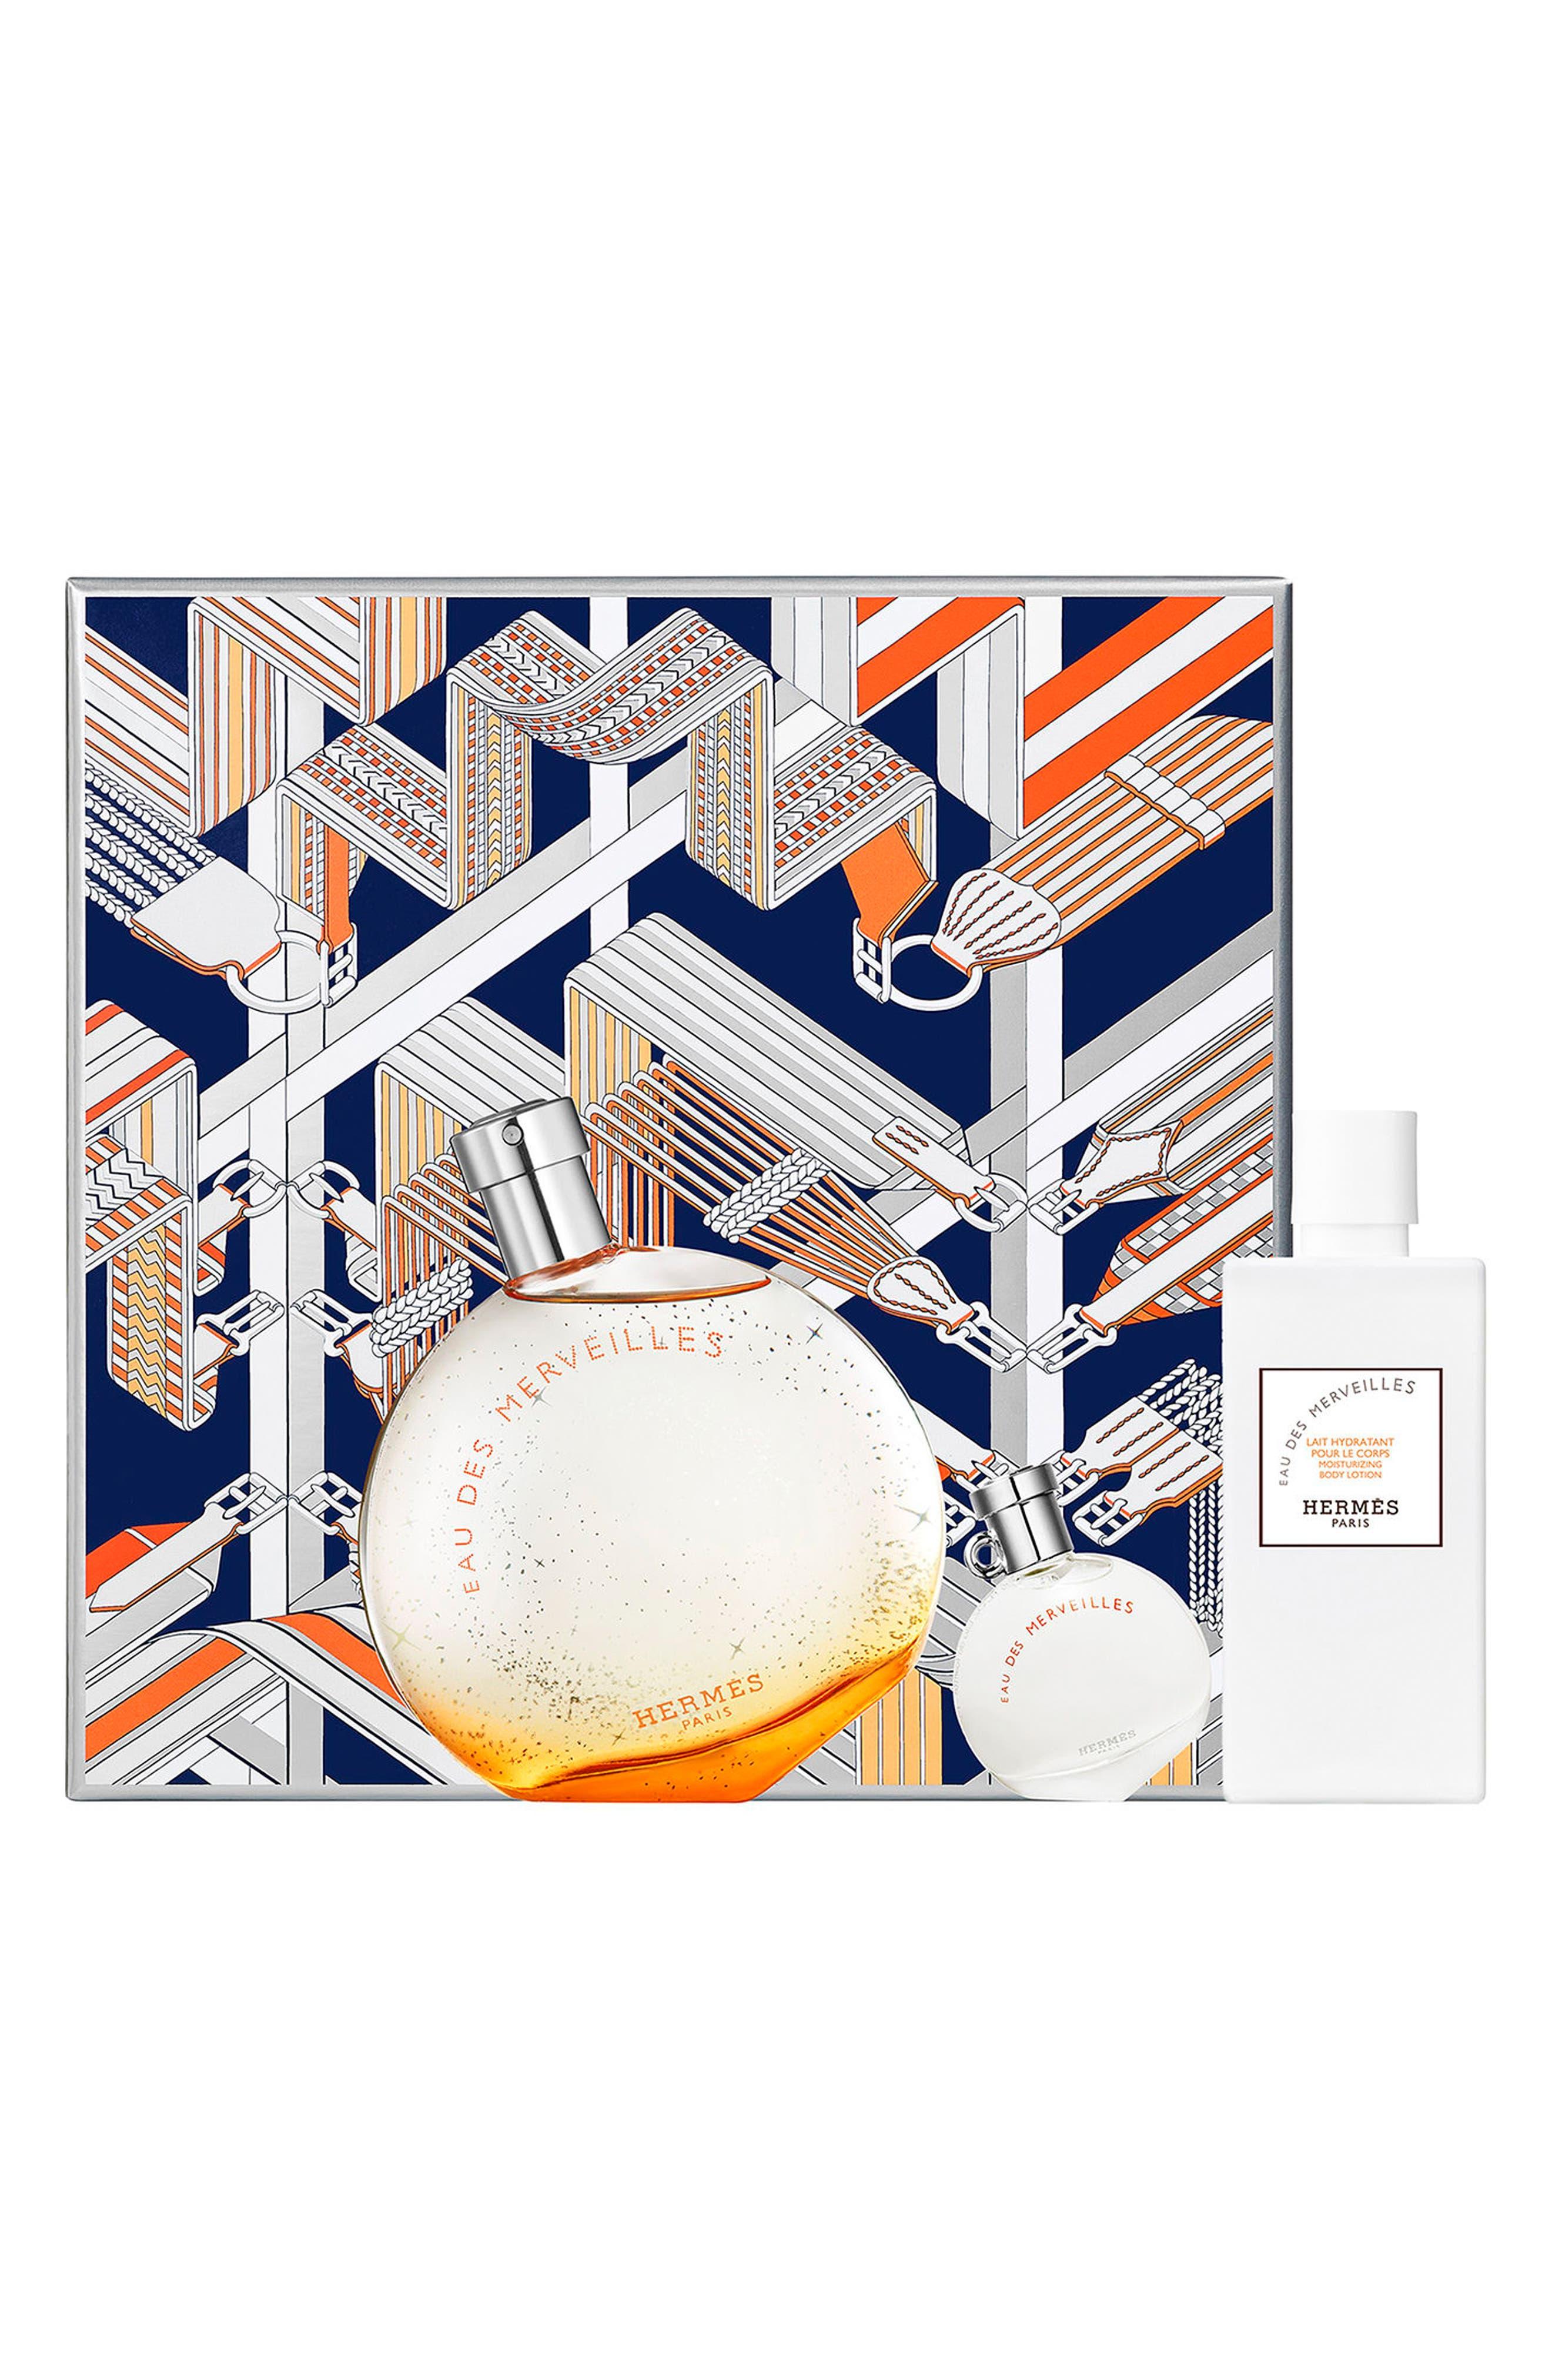 Eau des Merveilles - Eau de toilette set,                             Main thumbnail 1, color,                             000